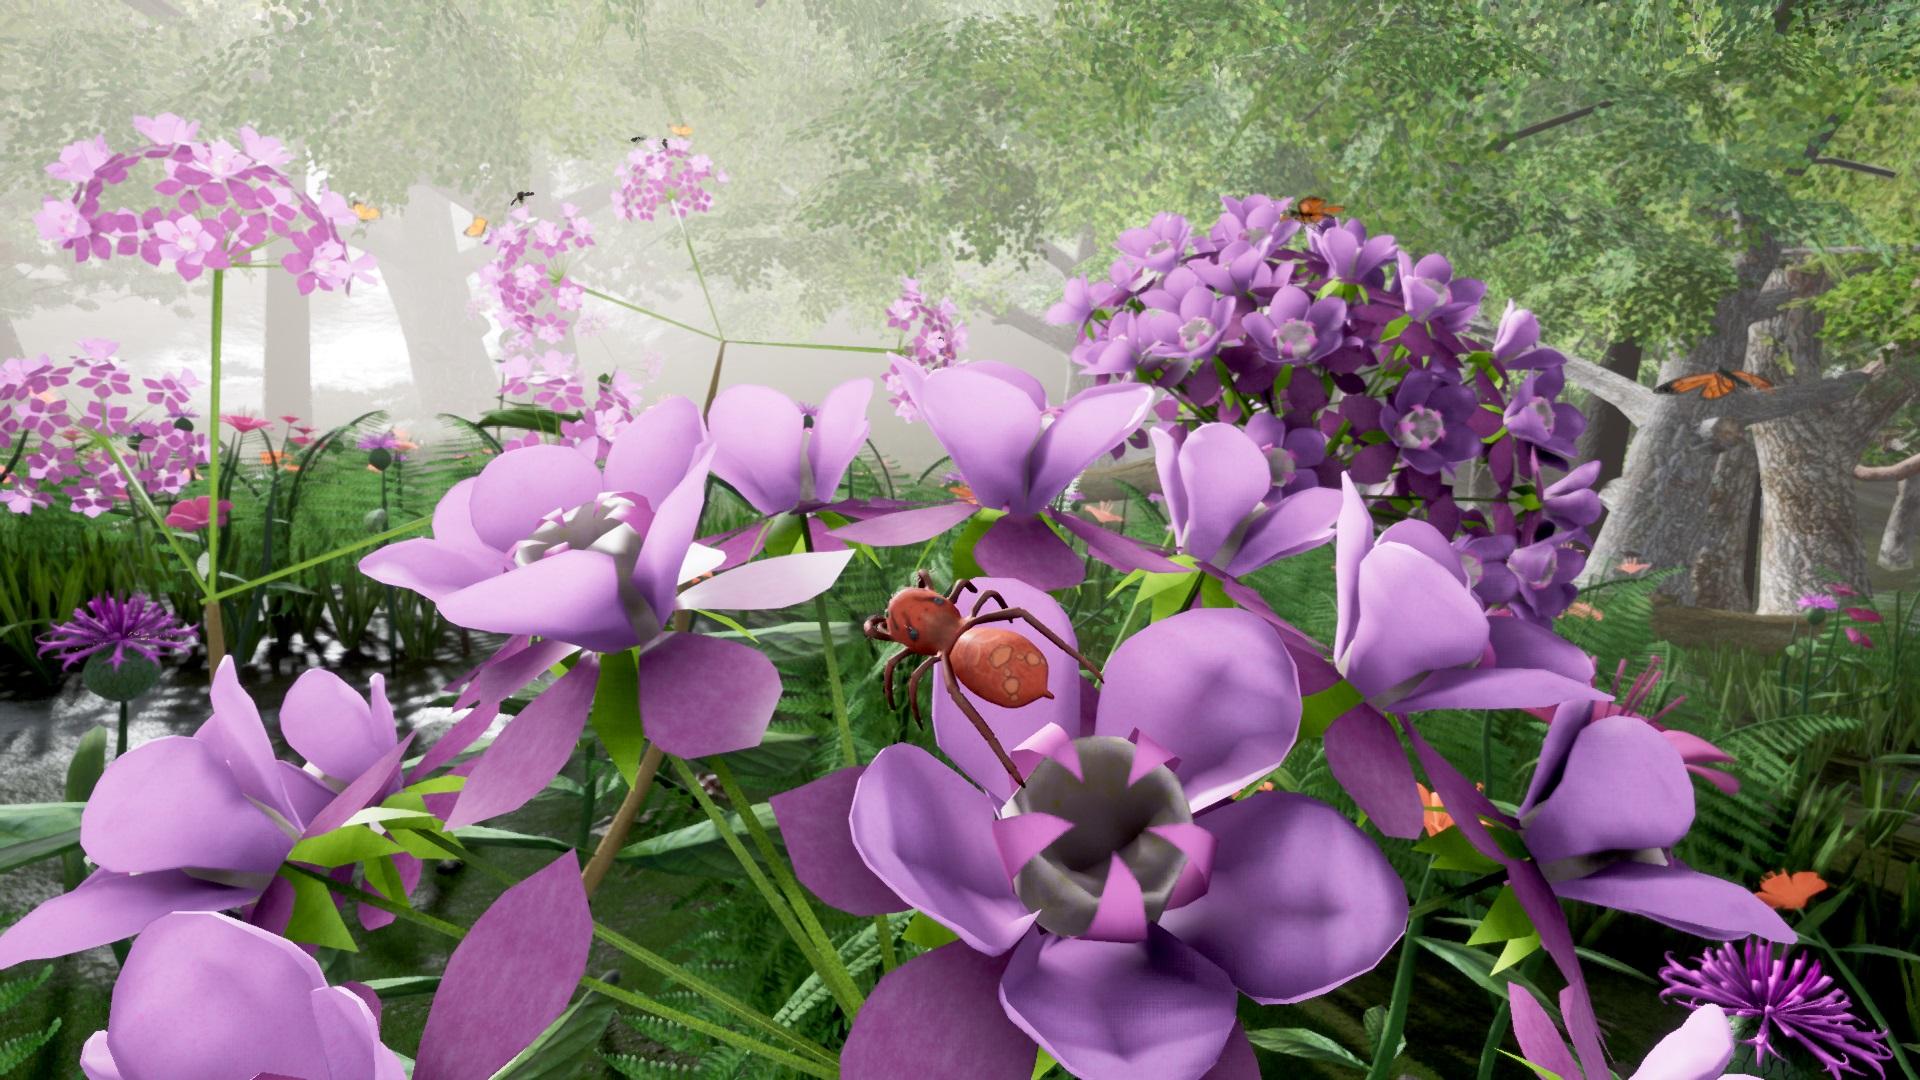 Milkweed Joy